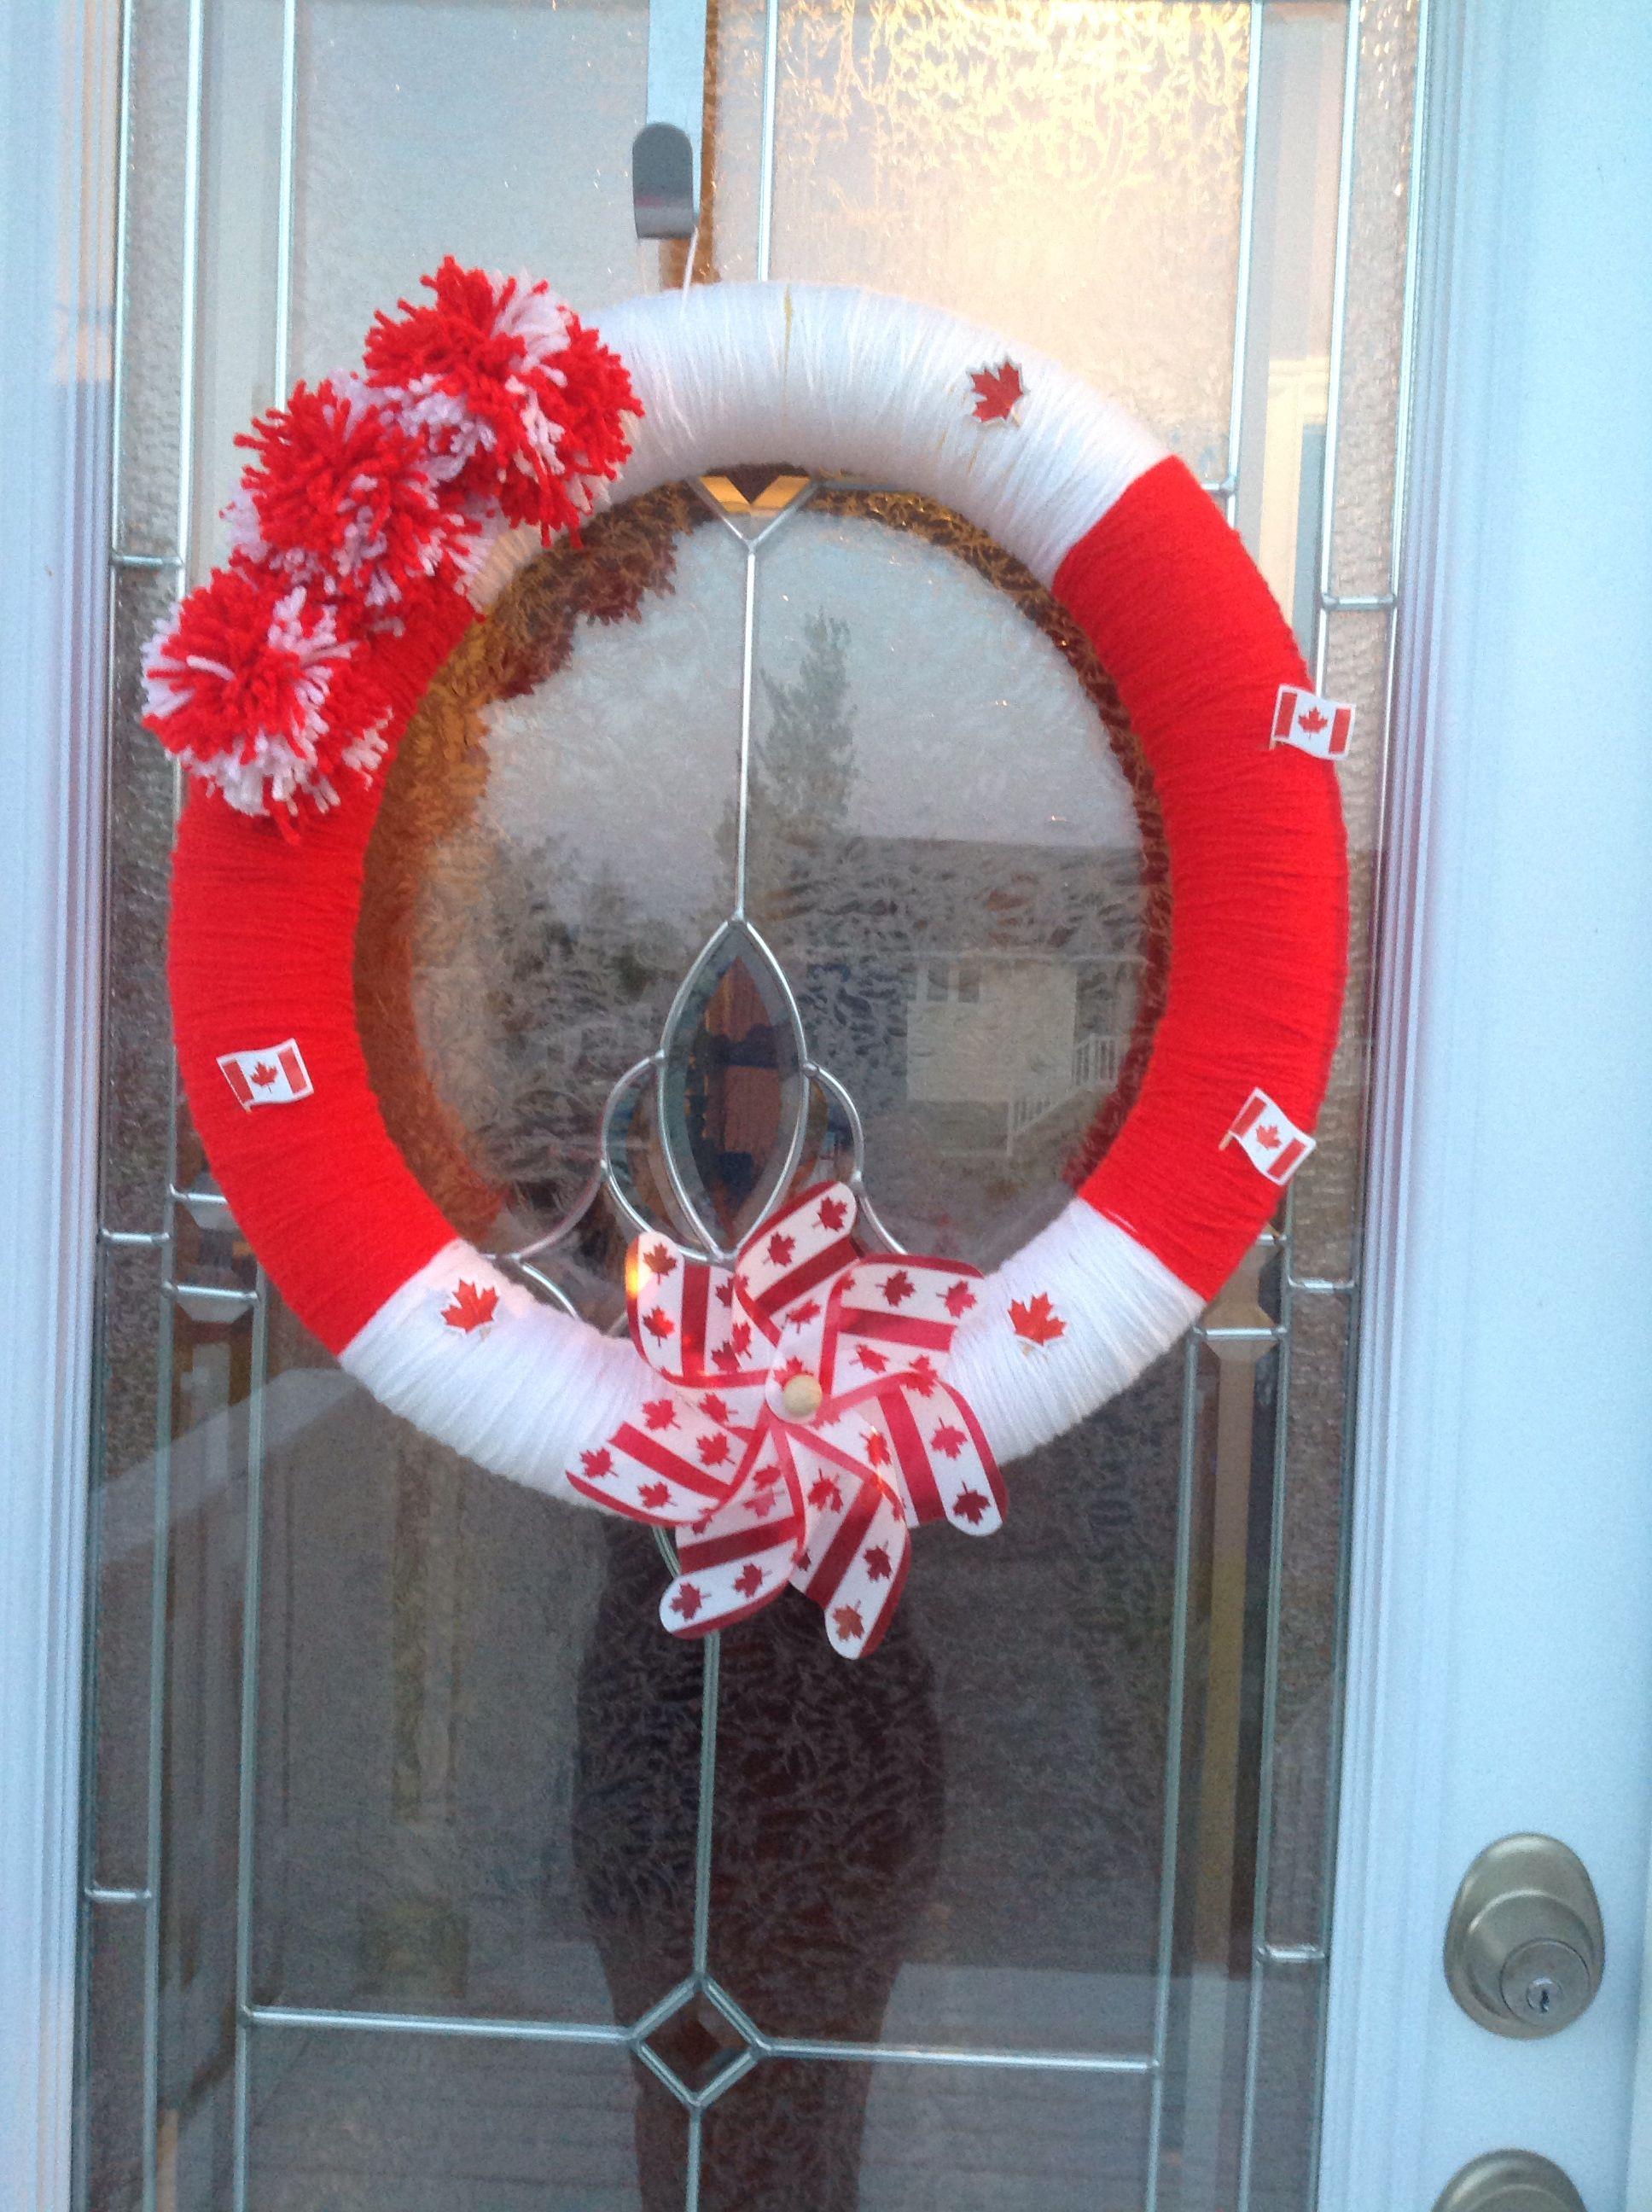 Canada Day yarn wreath by my friend! Canada day